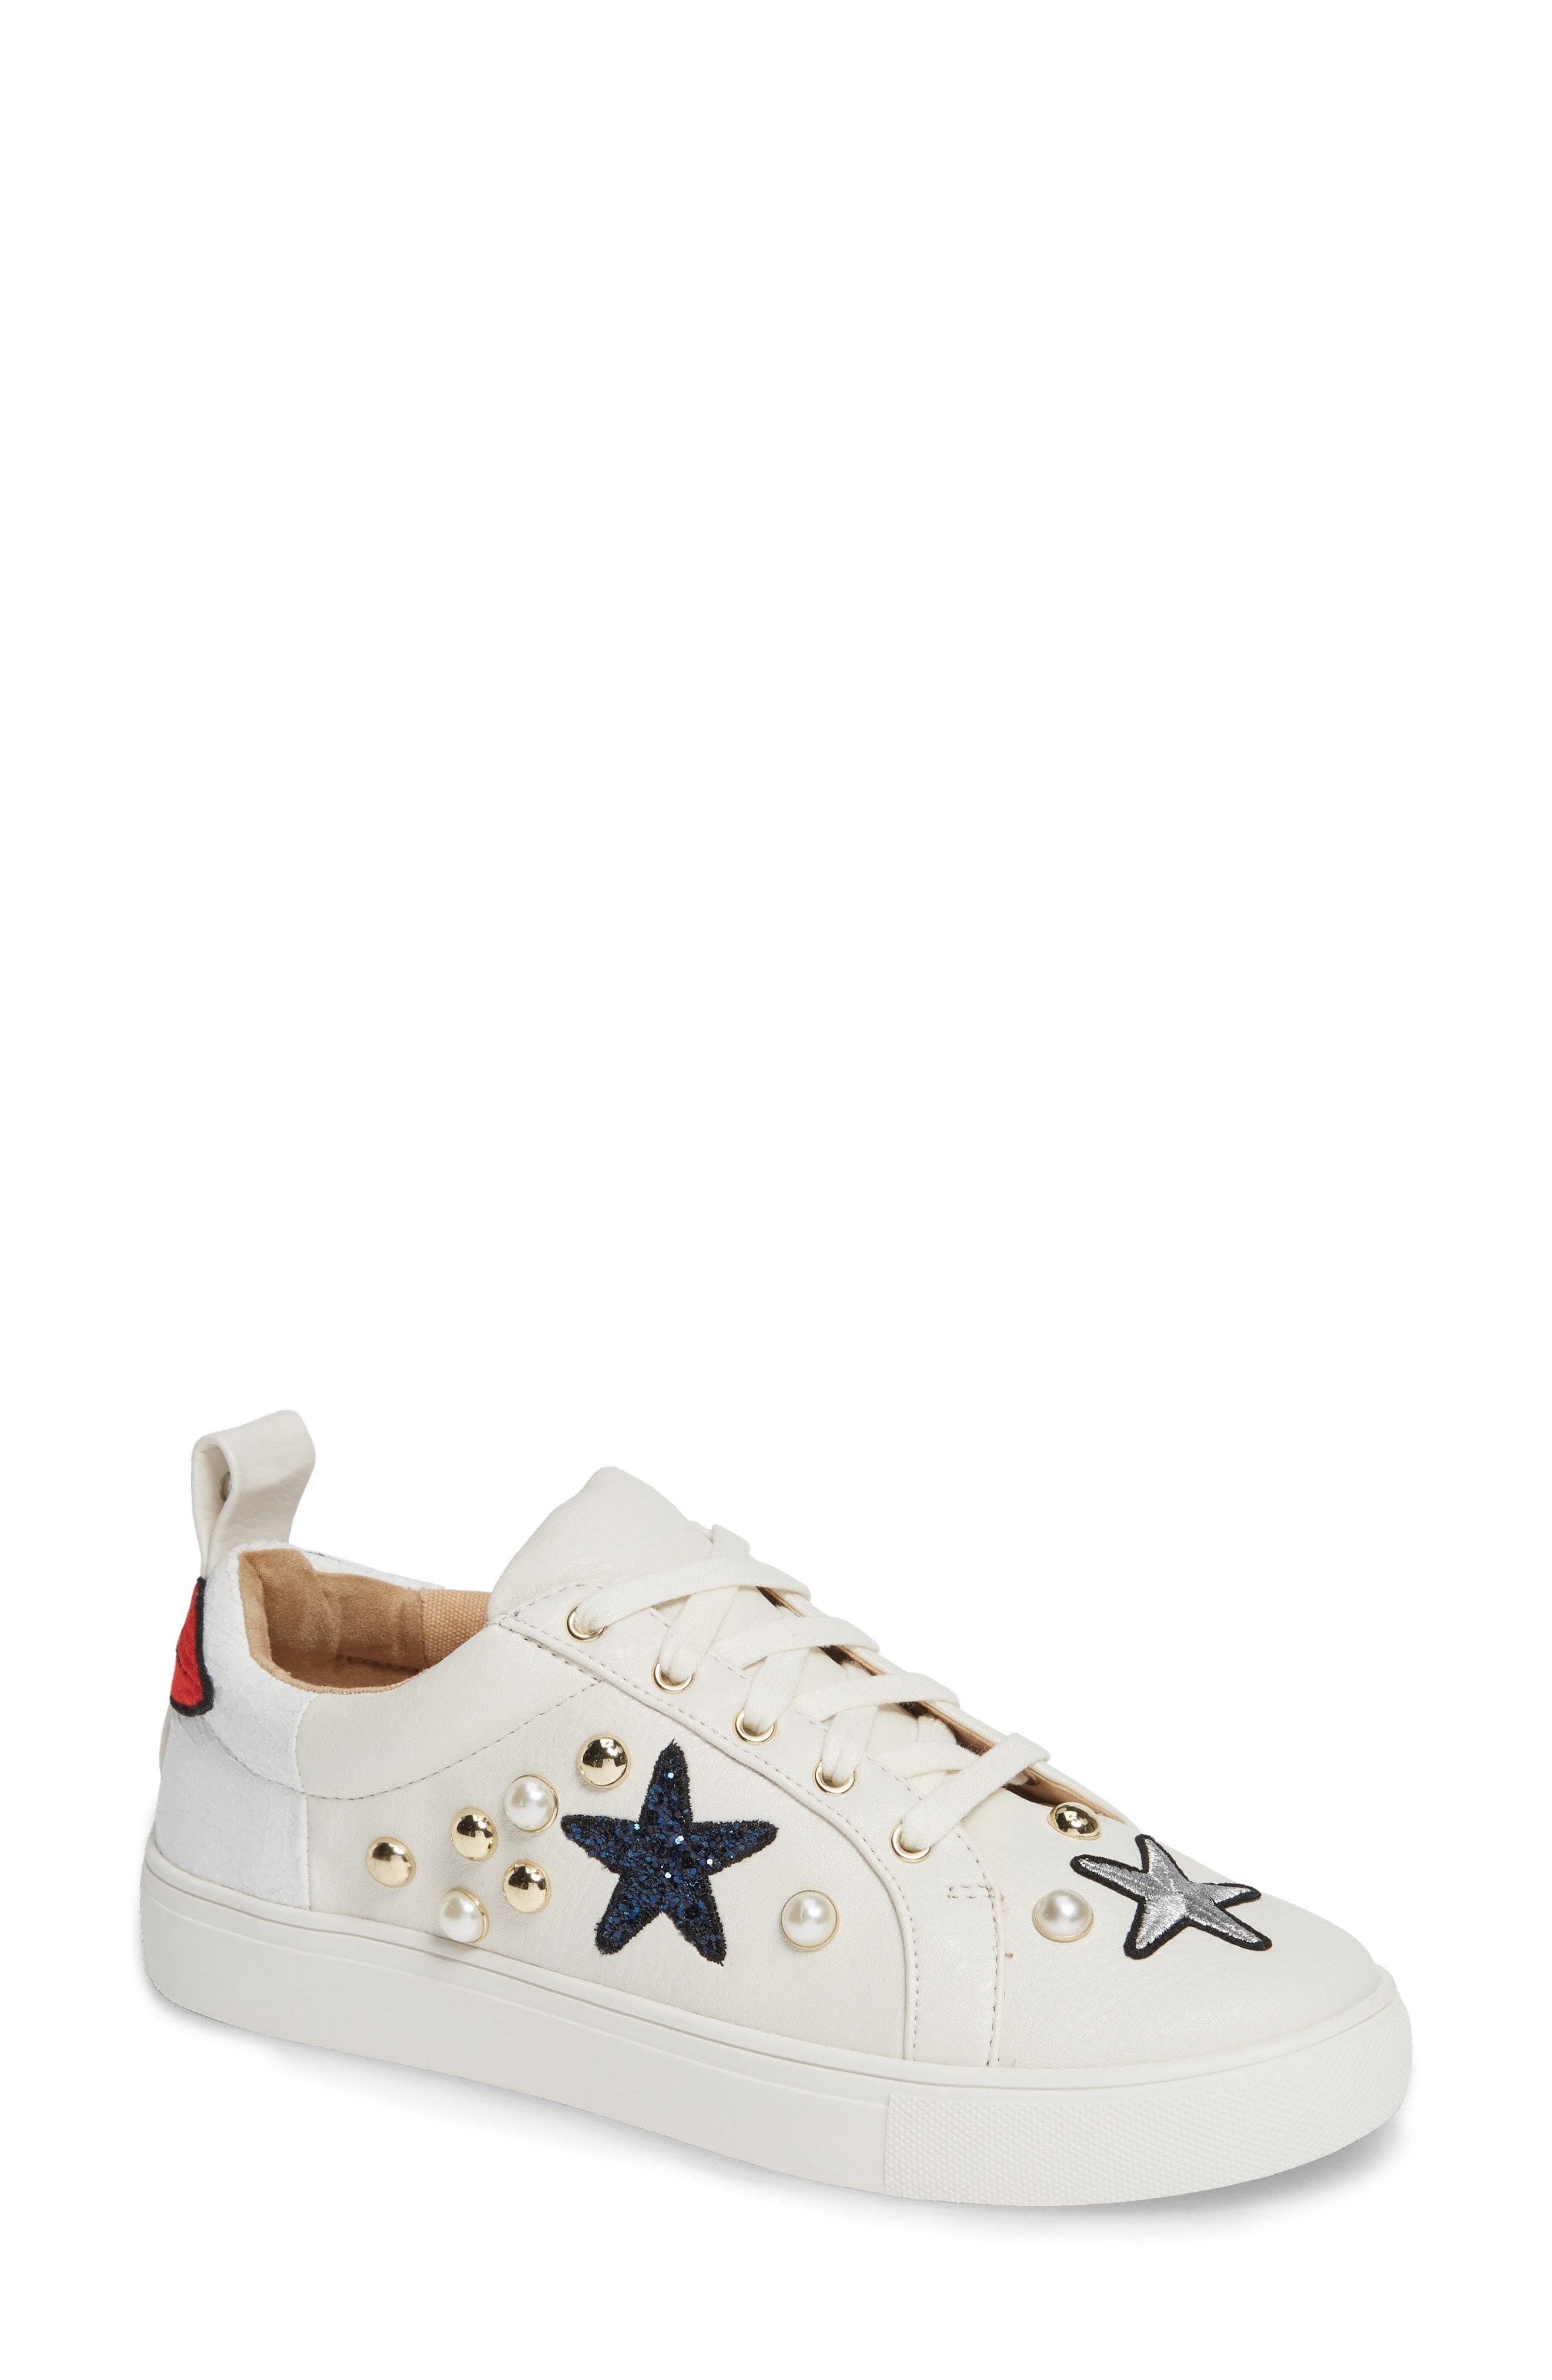 67e4e582b28 Lyst - Steve Madden Smart Sneaker